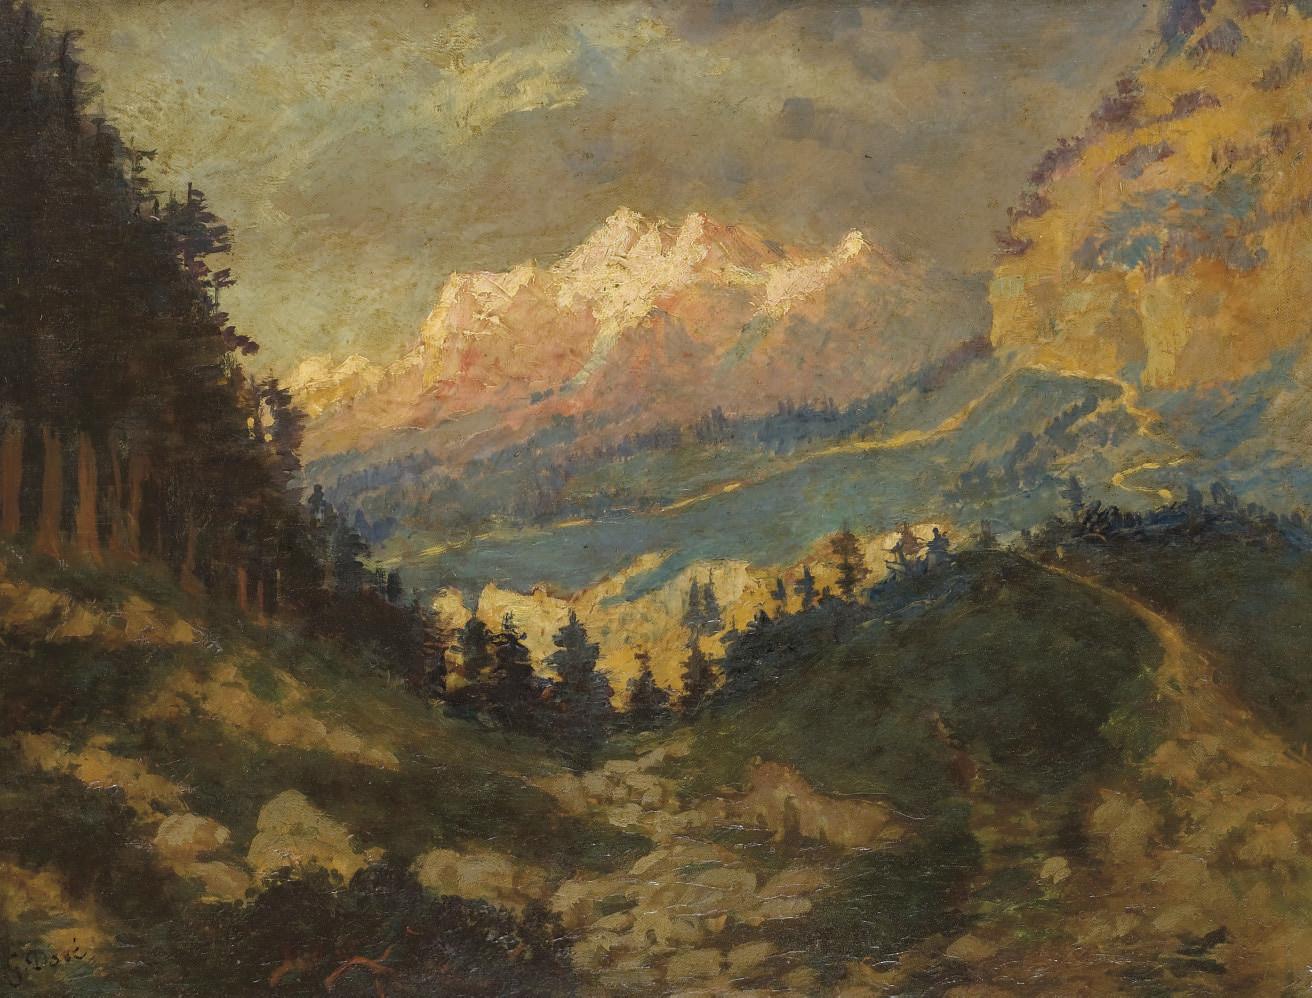 GUSTAVE DORE (1832 - 1883)